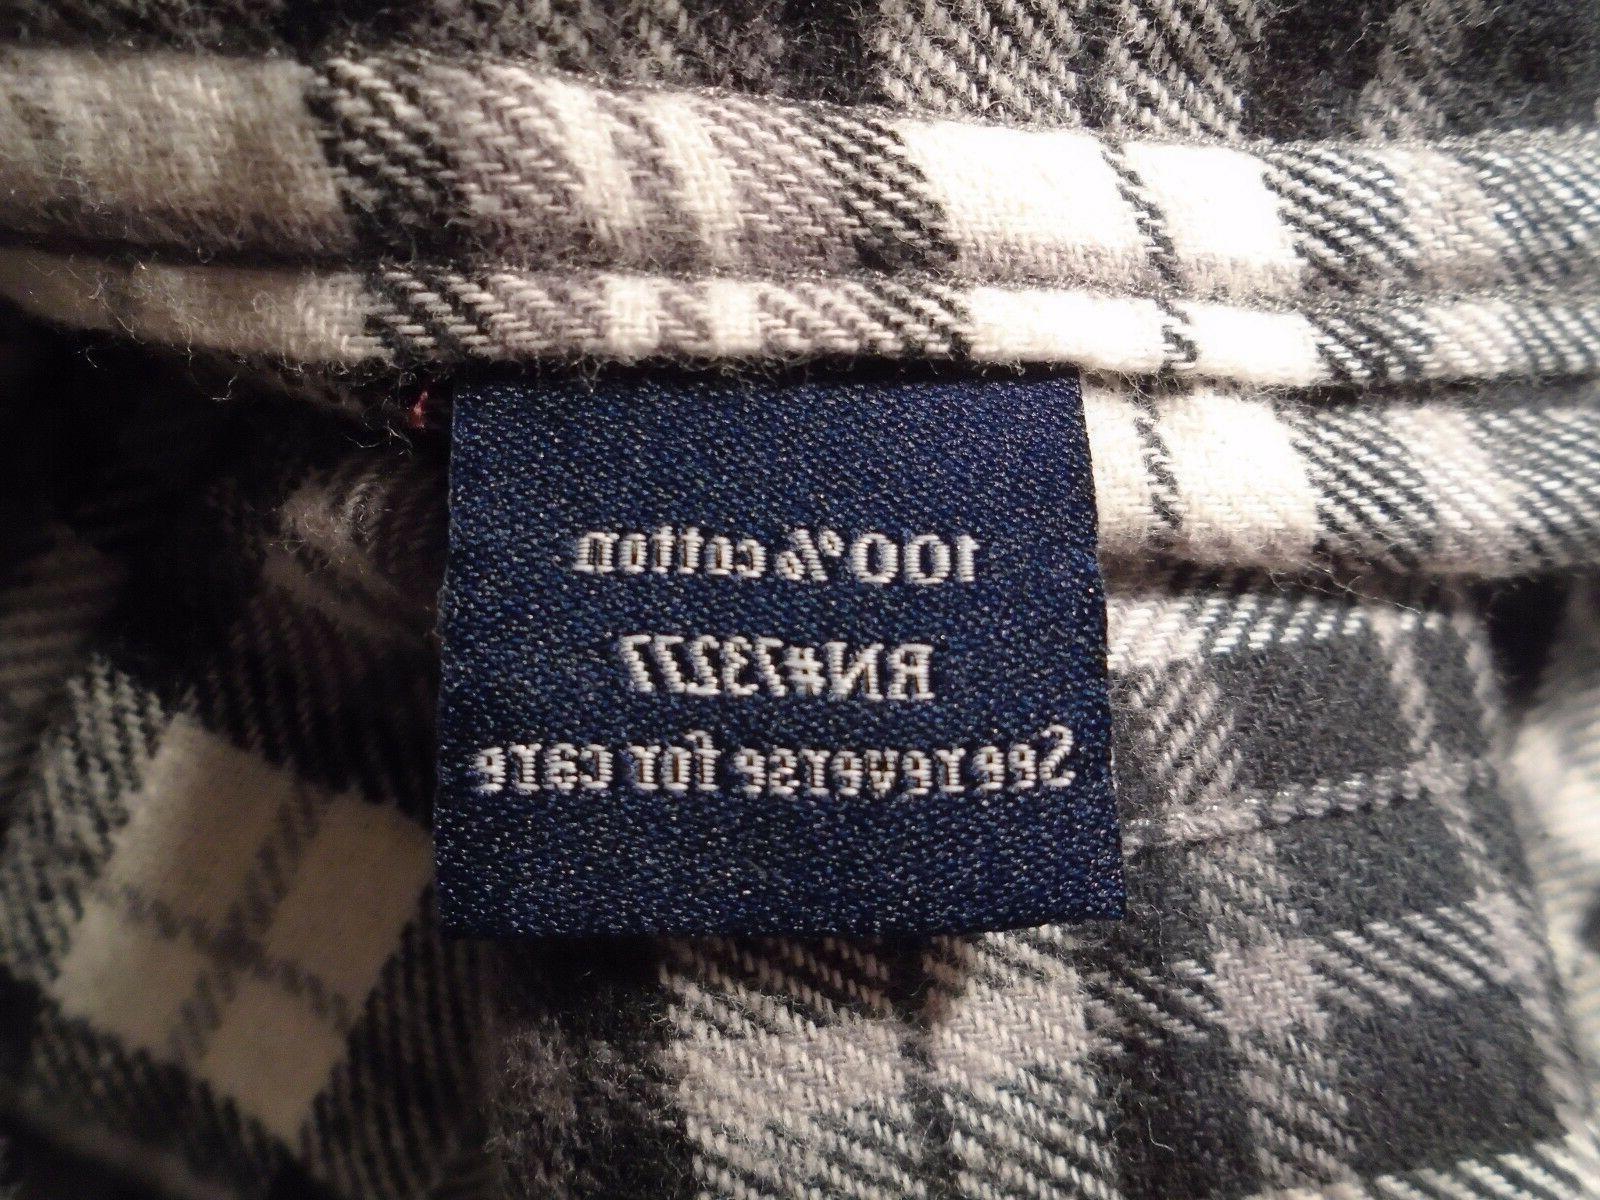 NWT Black & Plaid, Cotton Shirt, Size Small